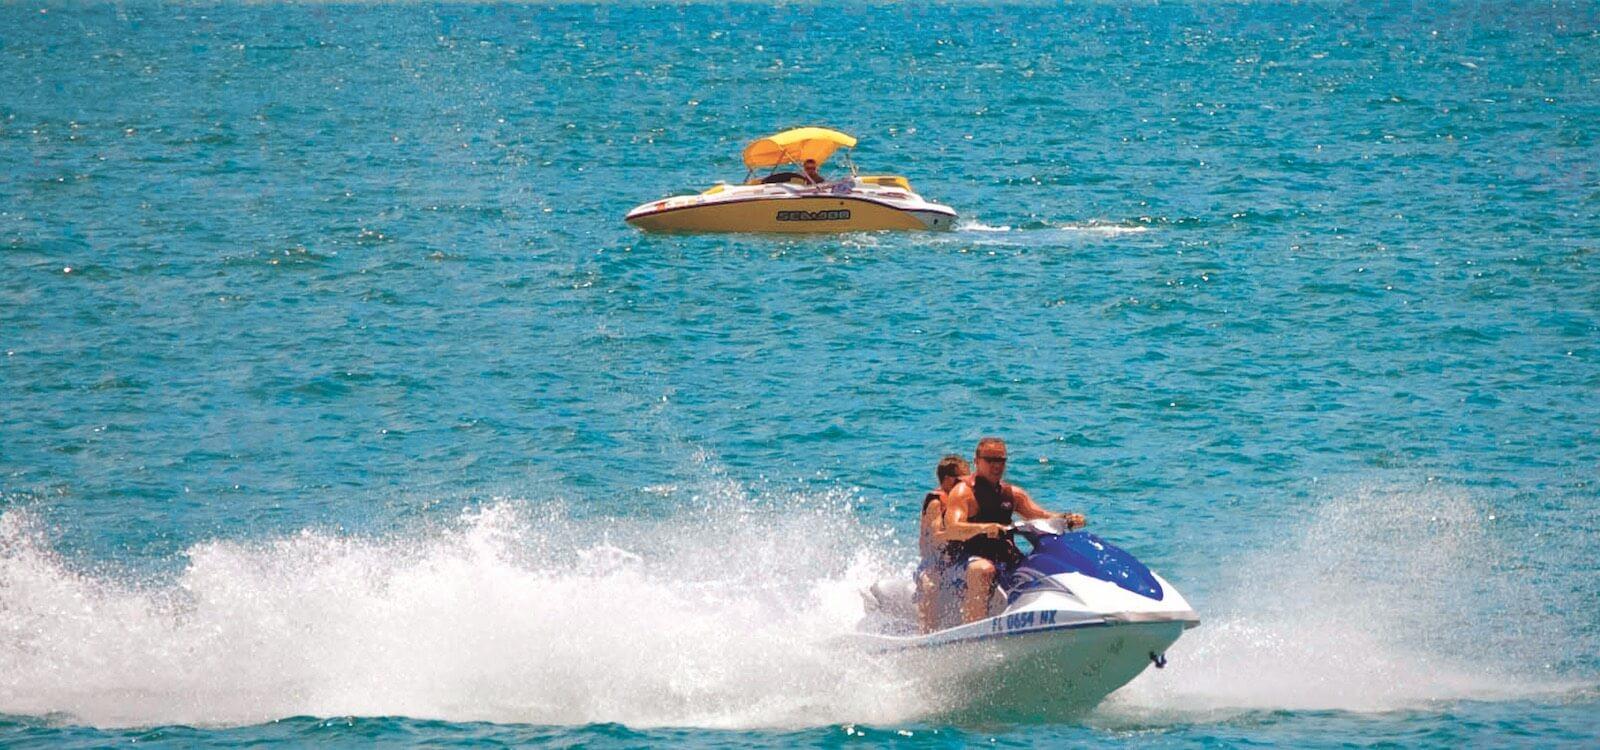 Coupons Sarasota Activities Like Beach Horses